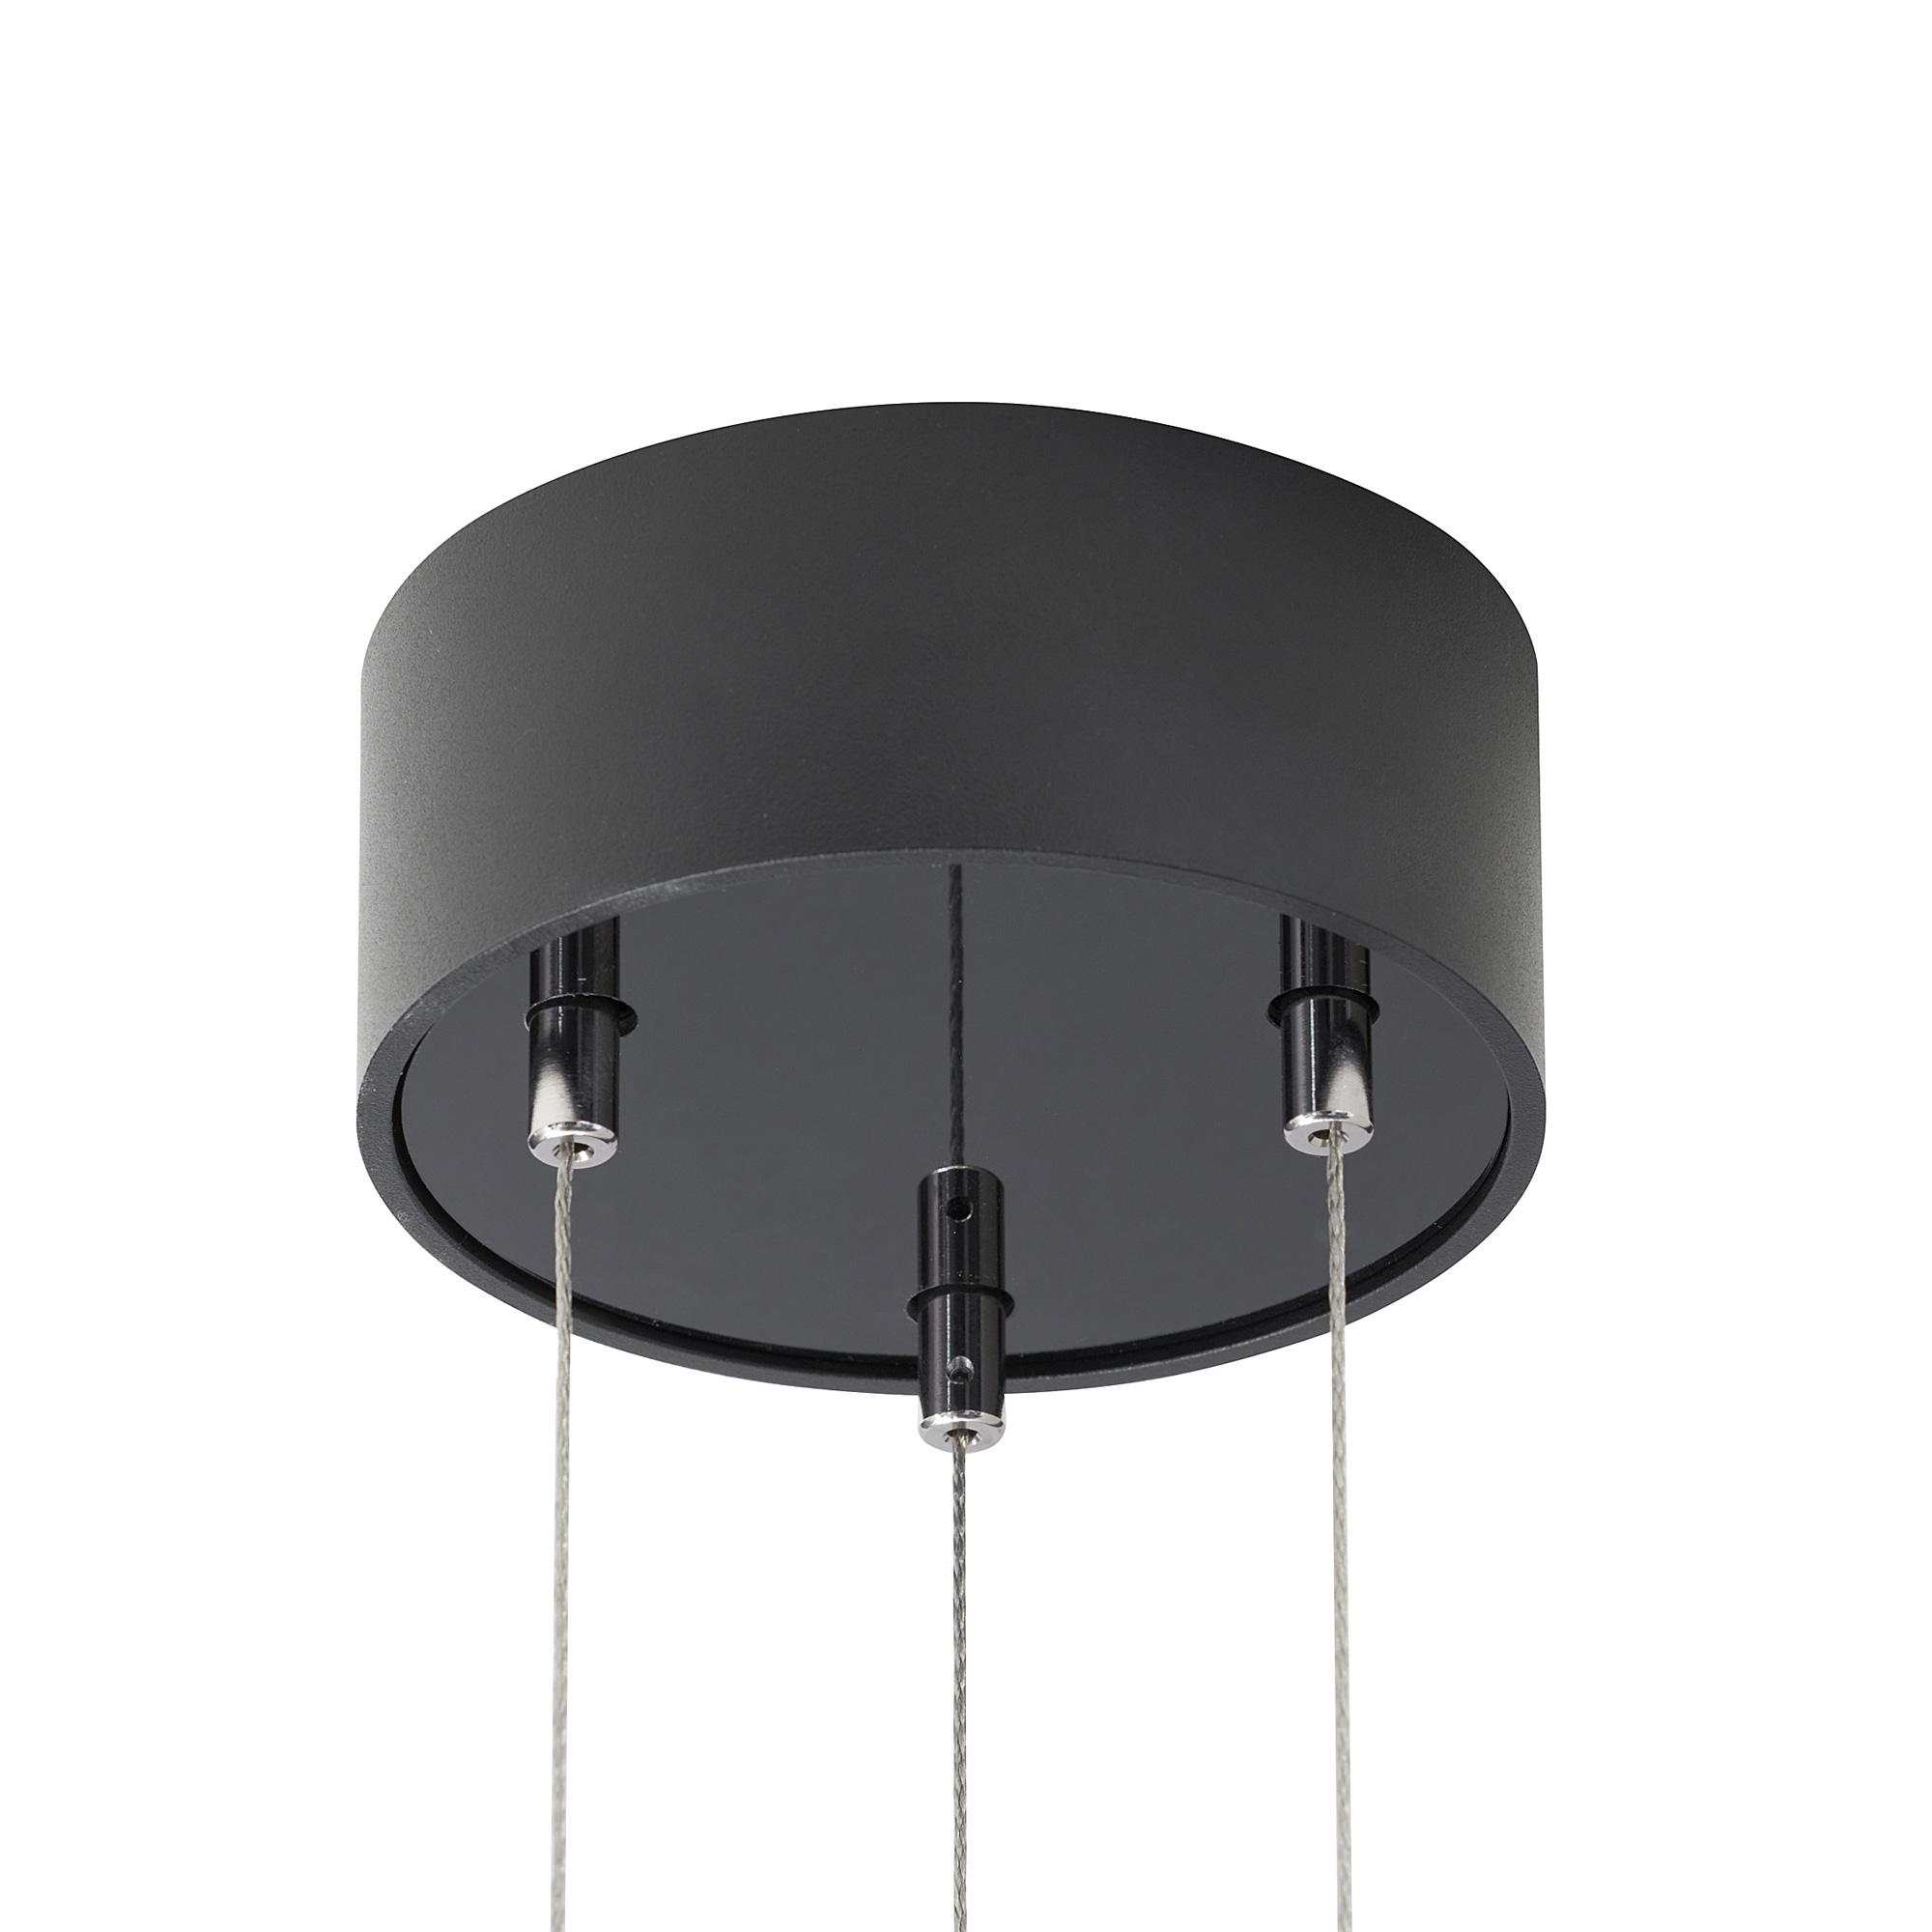 oligo trofeo led pendelleuchte mit ber rungslosem dimmer g42 886 10 23 reuter onlineshop. Black Bedroom Furniture Sets. Home Design Ideas